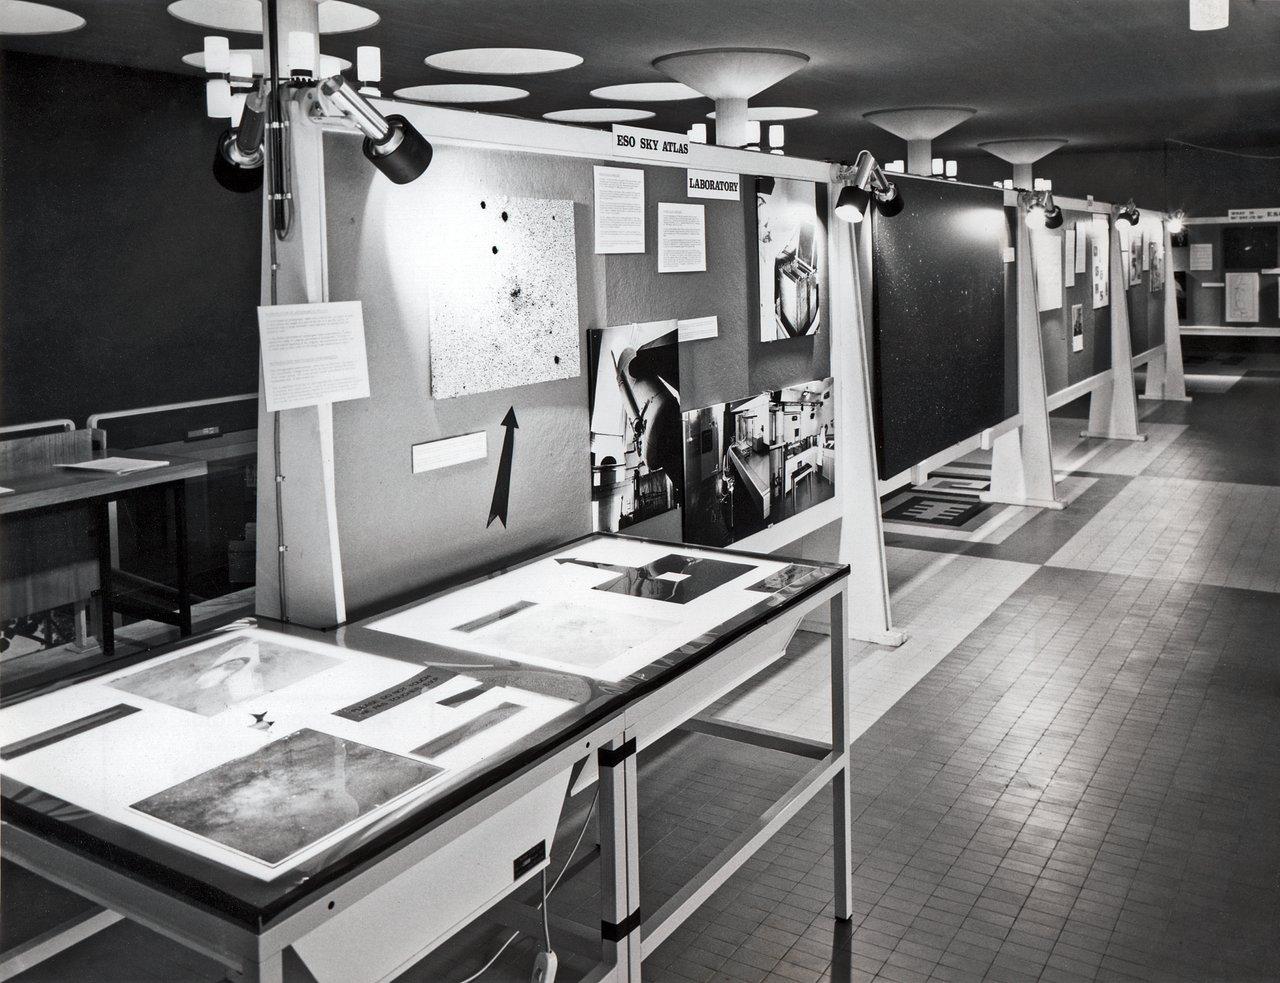 Sky Atlas Laboratory exhibition